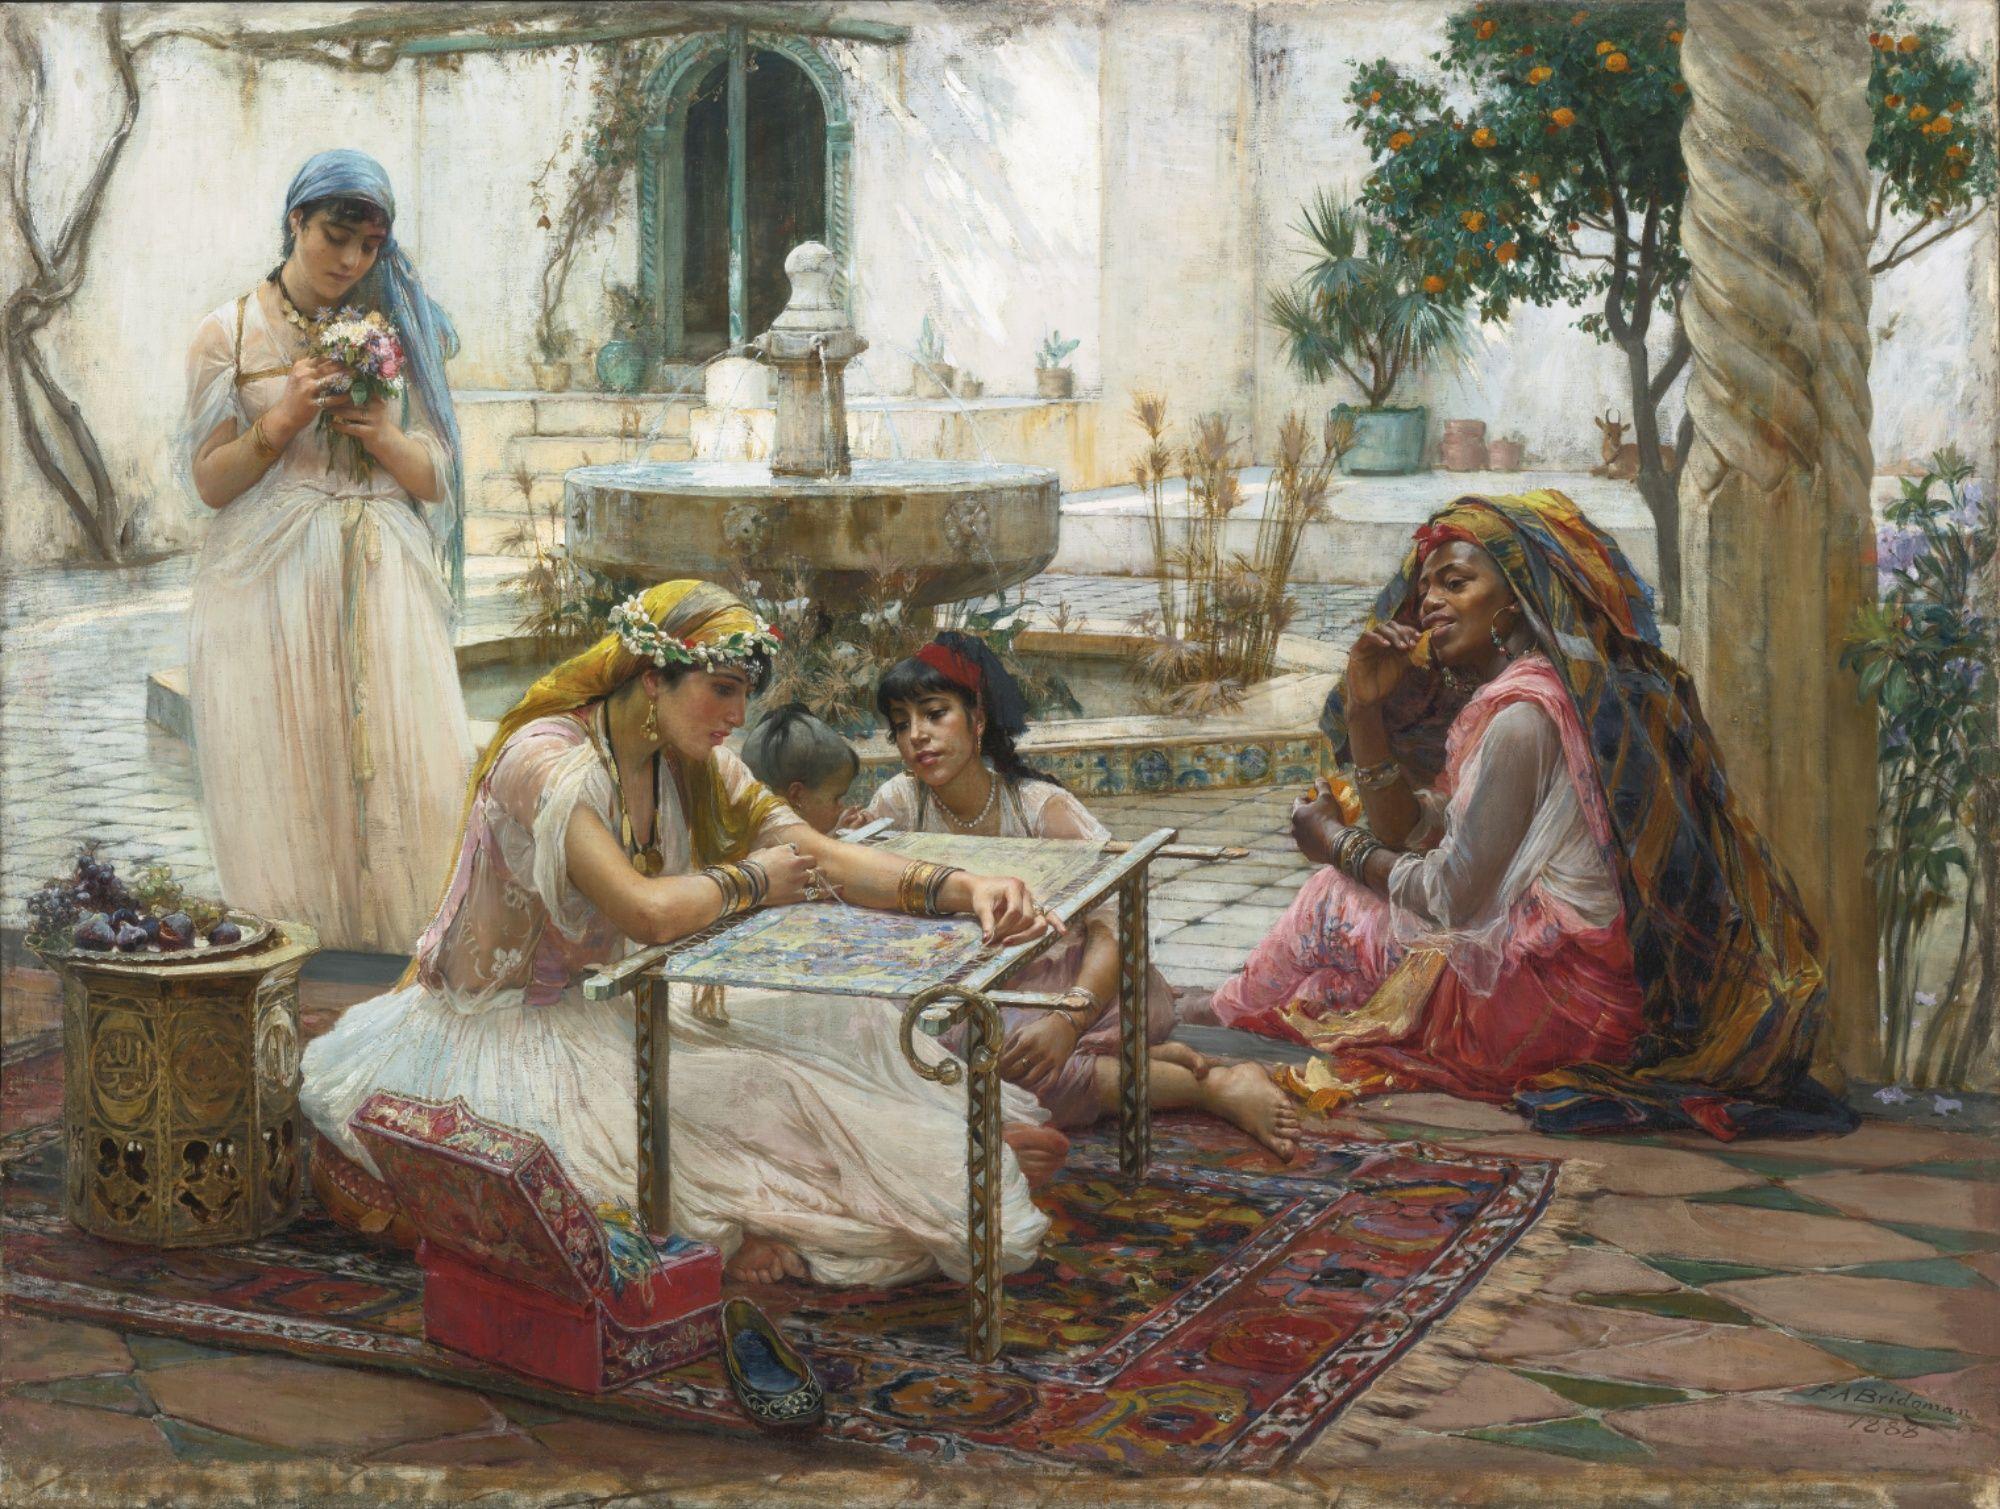 Frederick Arthur Bridgman (American, 1847-1928). Dans une Ville de Campagne Alger